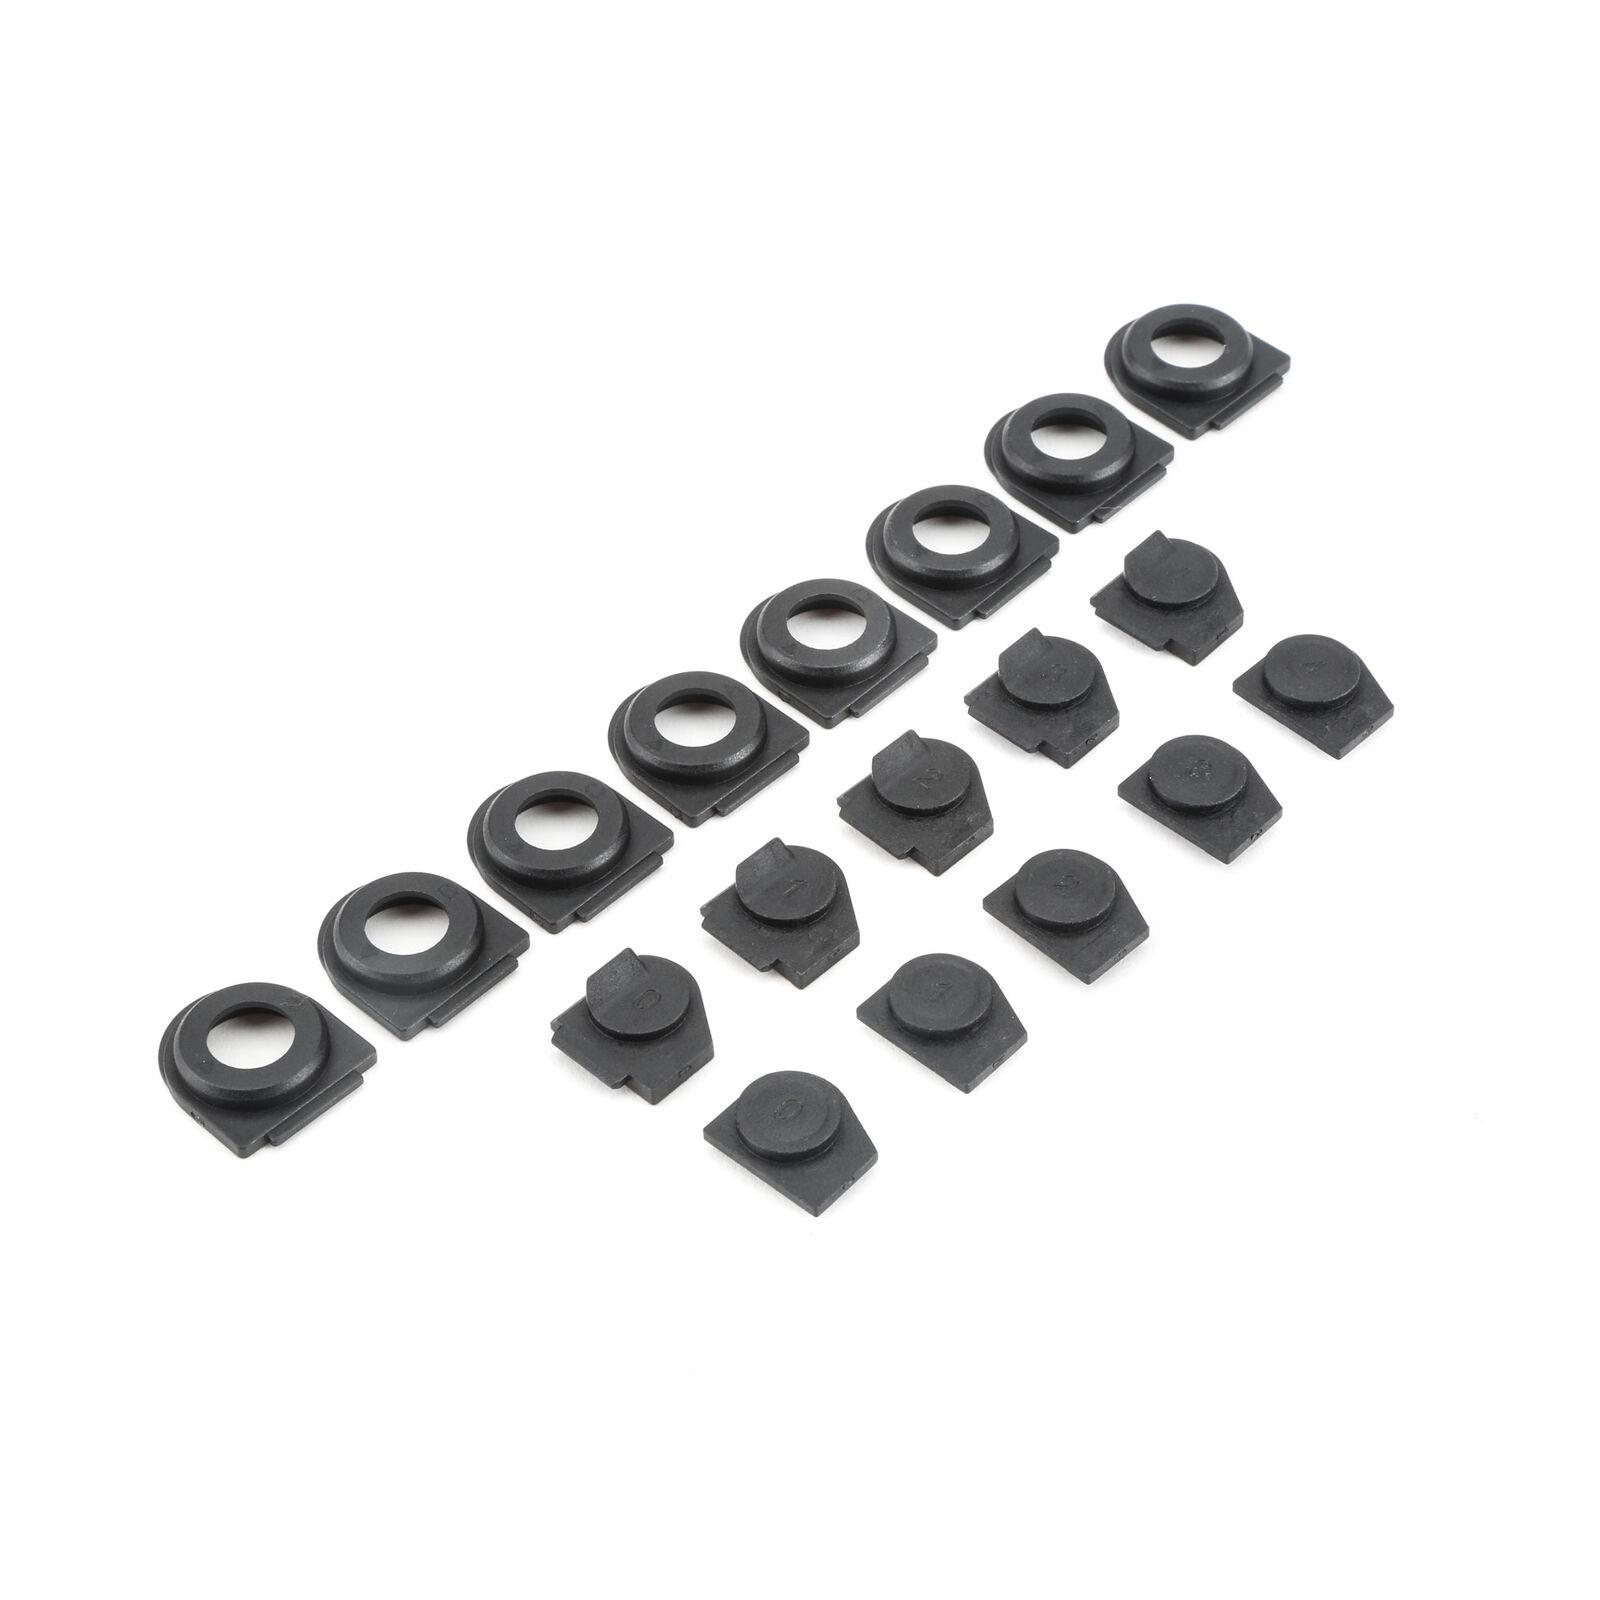 22-4 2.0 - Inserts de réglage de tension de courroie